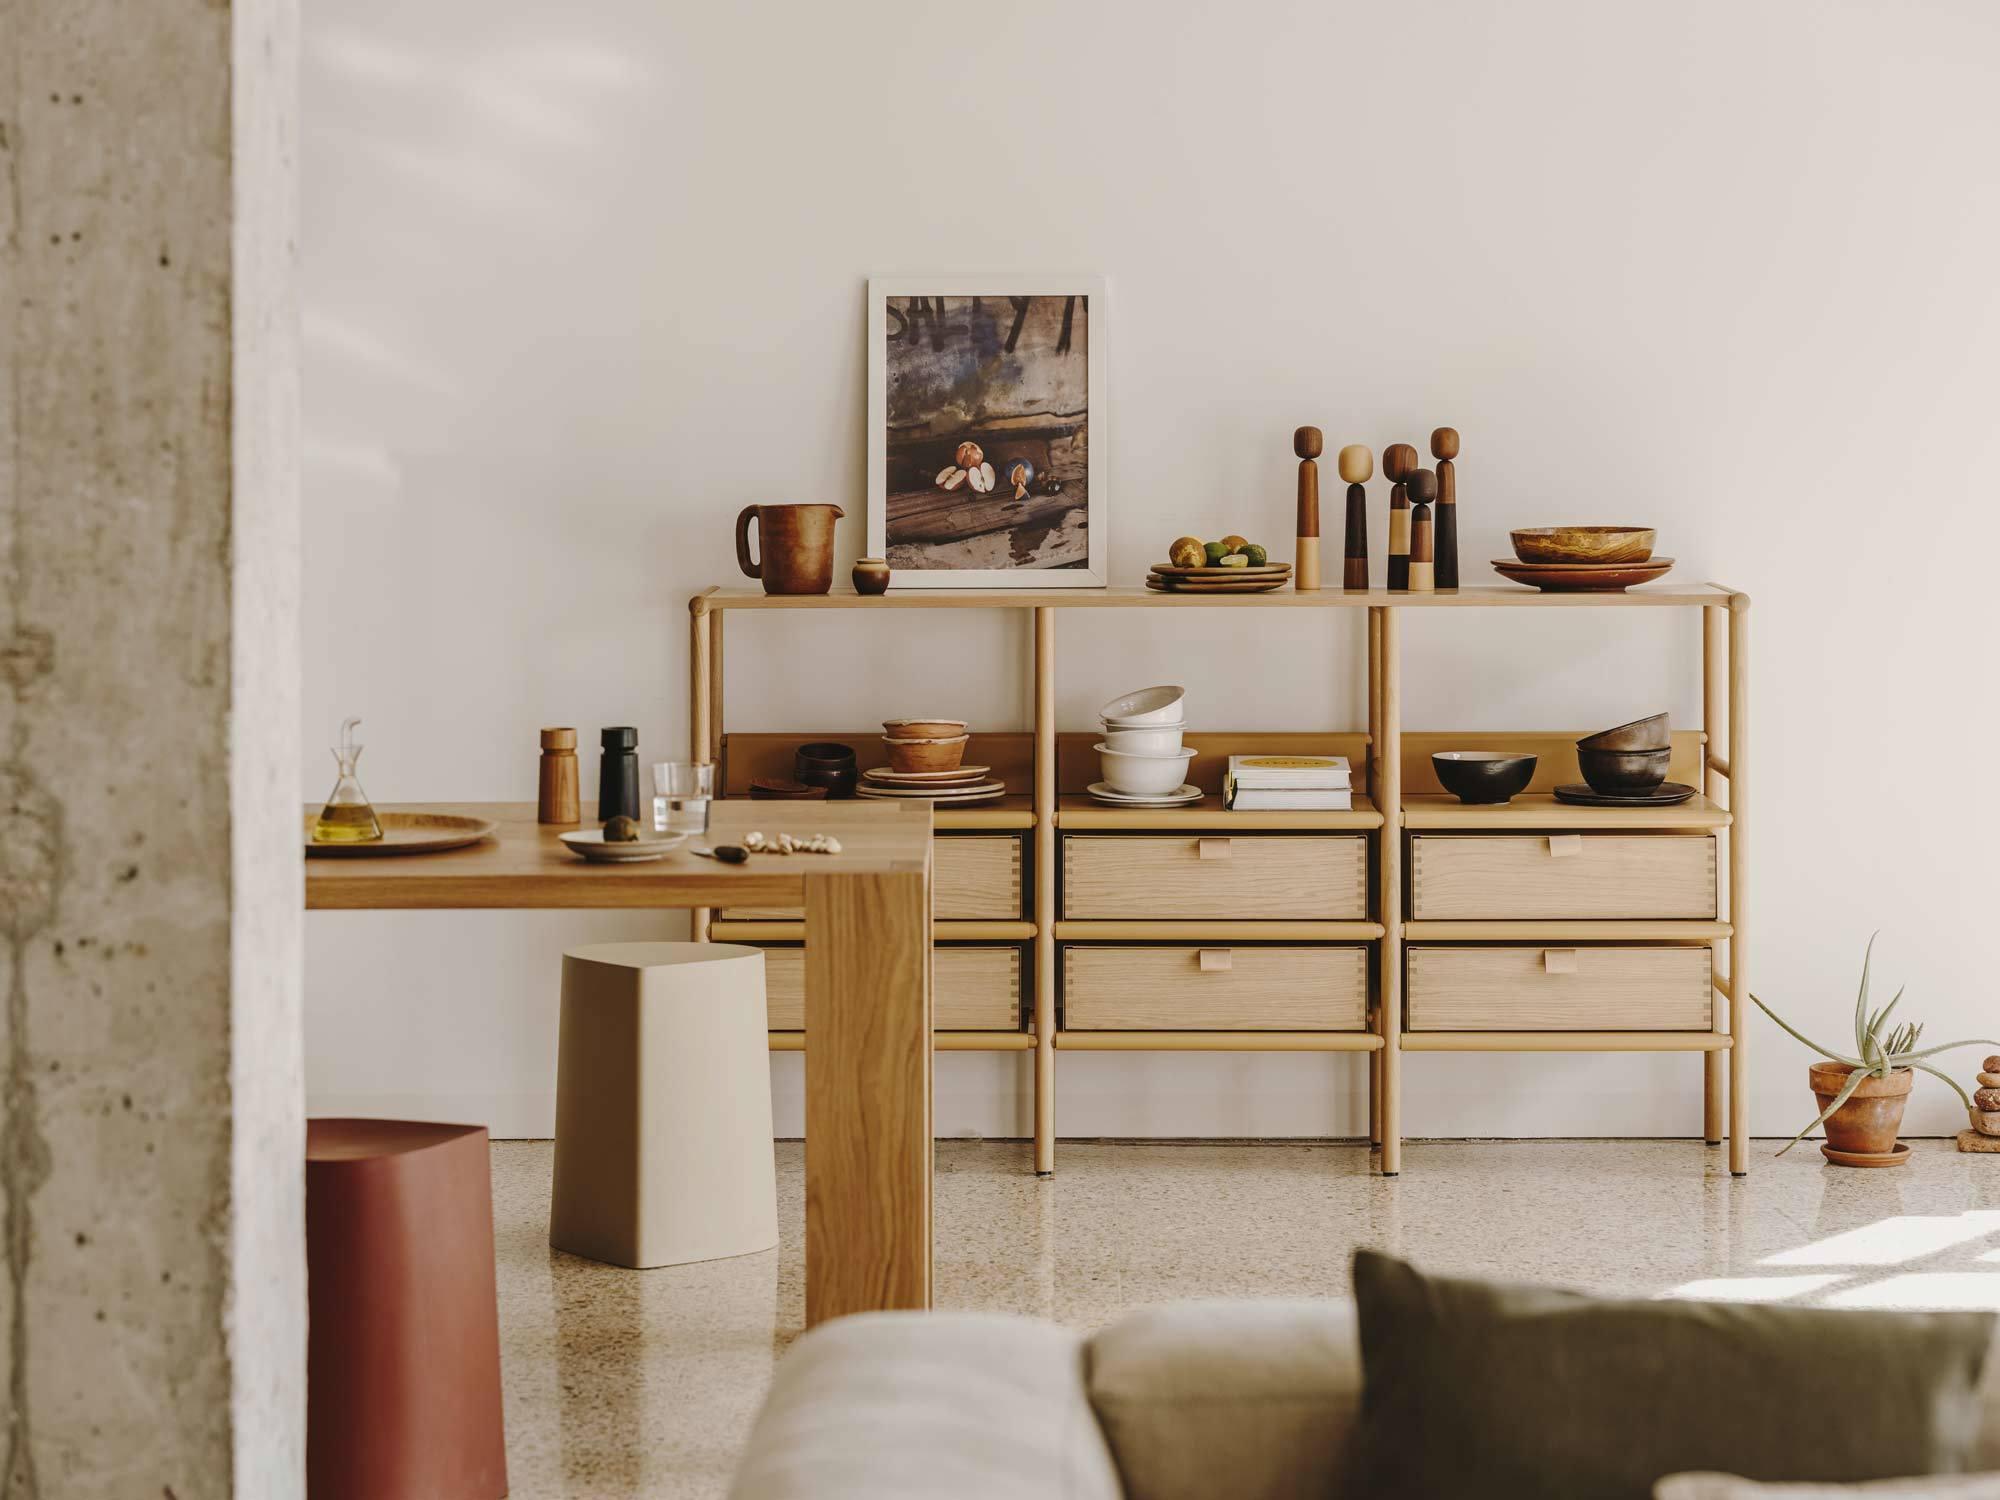 Mya für Burgbad, Design: Lievore + Altherr Désile Park, 2020, Foto: Salva Lopez